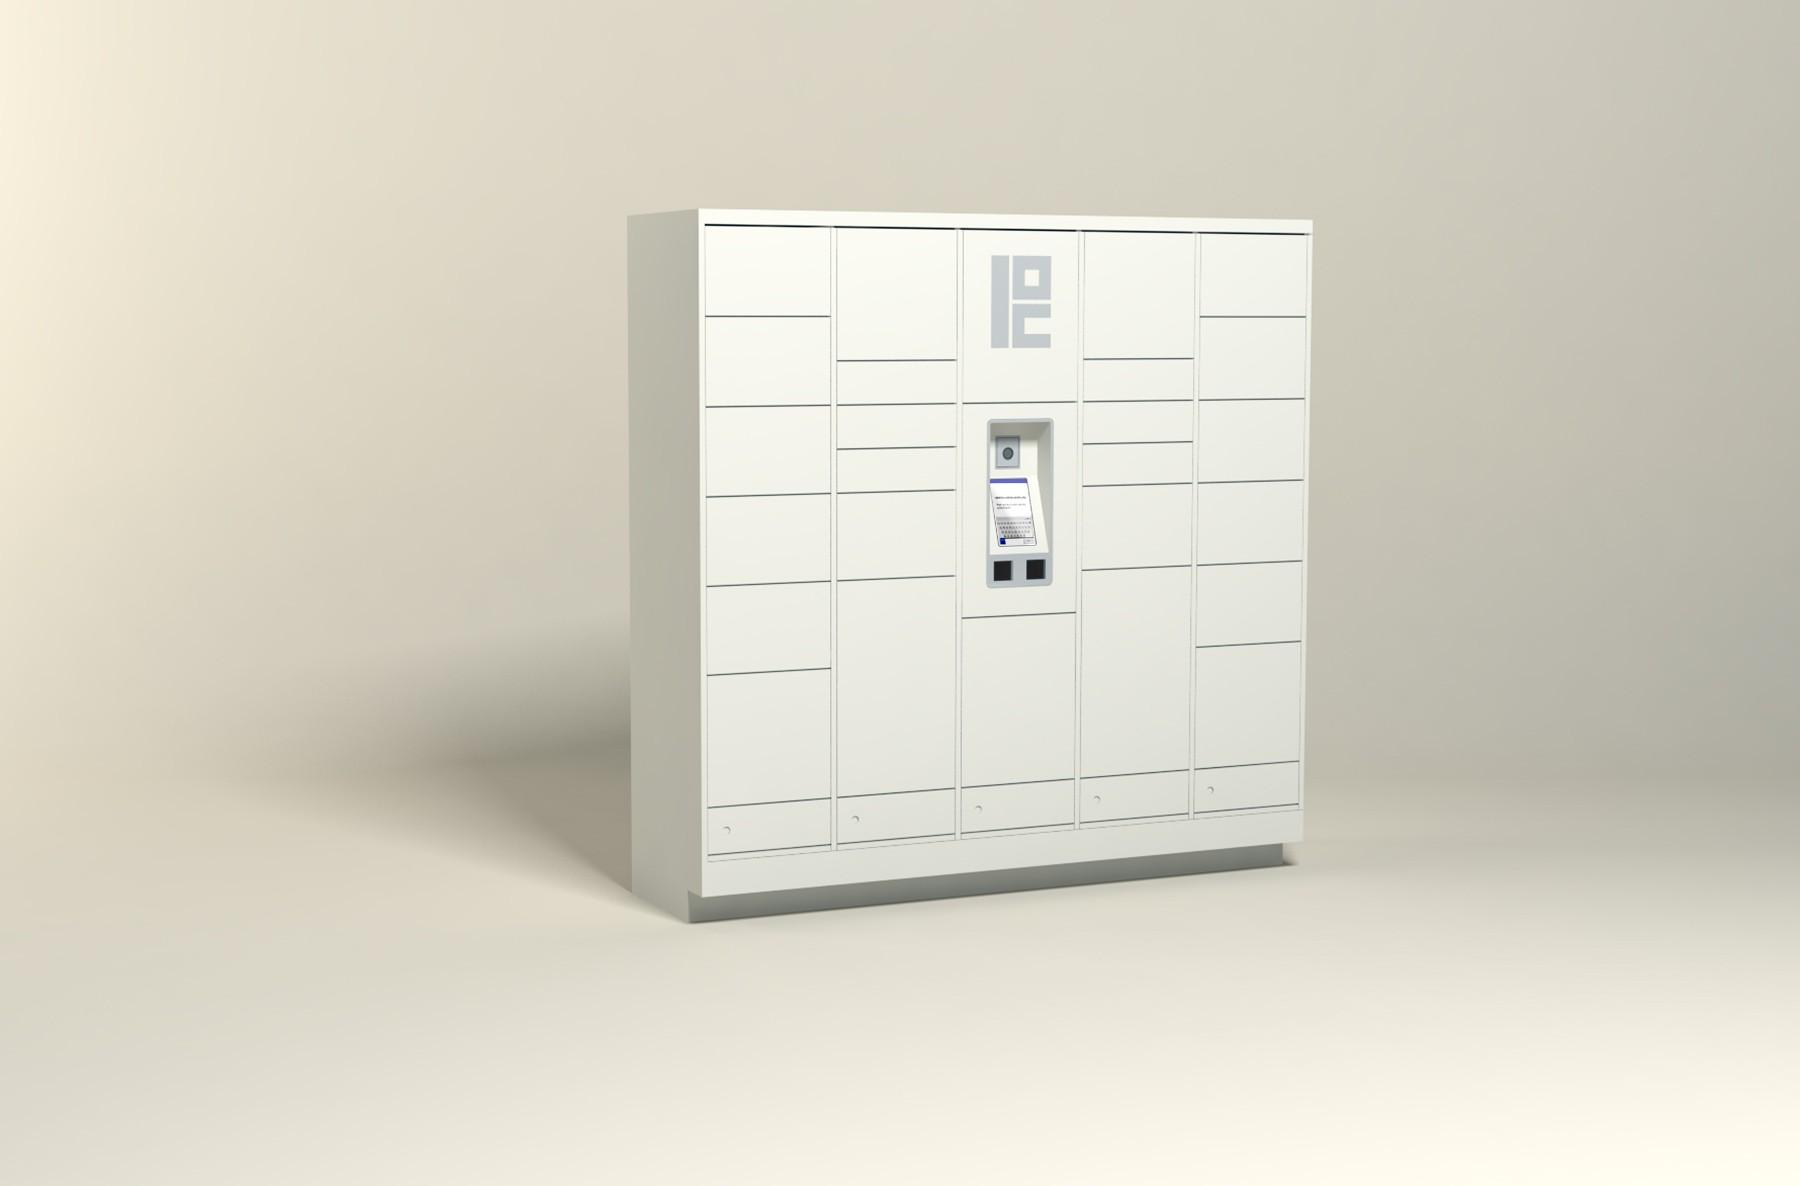 100 Unit - 30 Total Openings - Steel Smart Locker